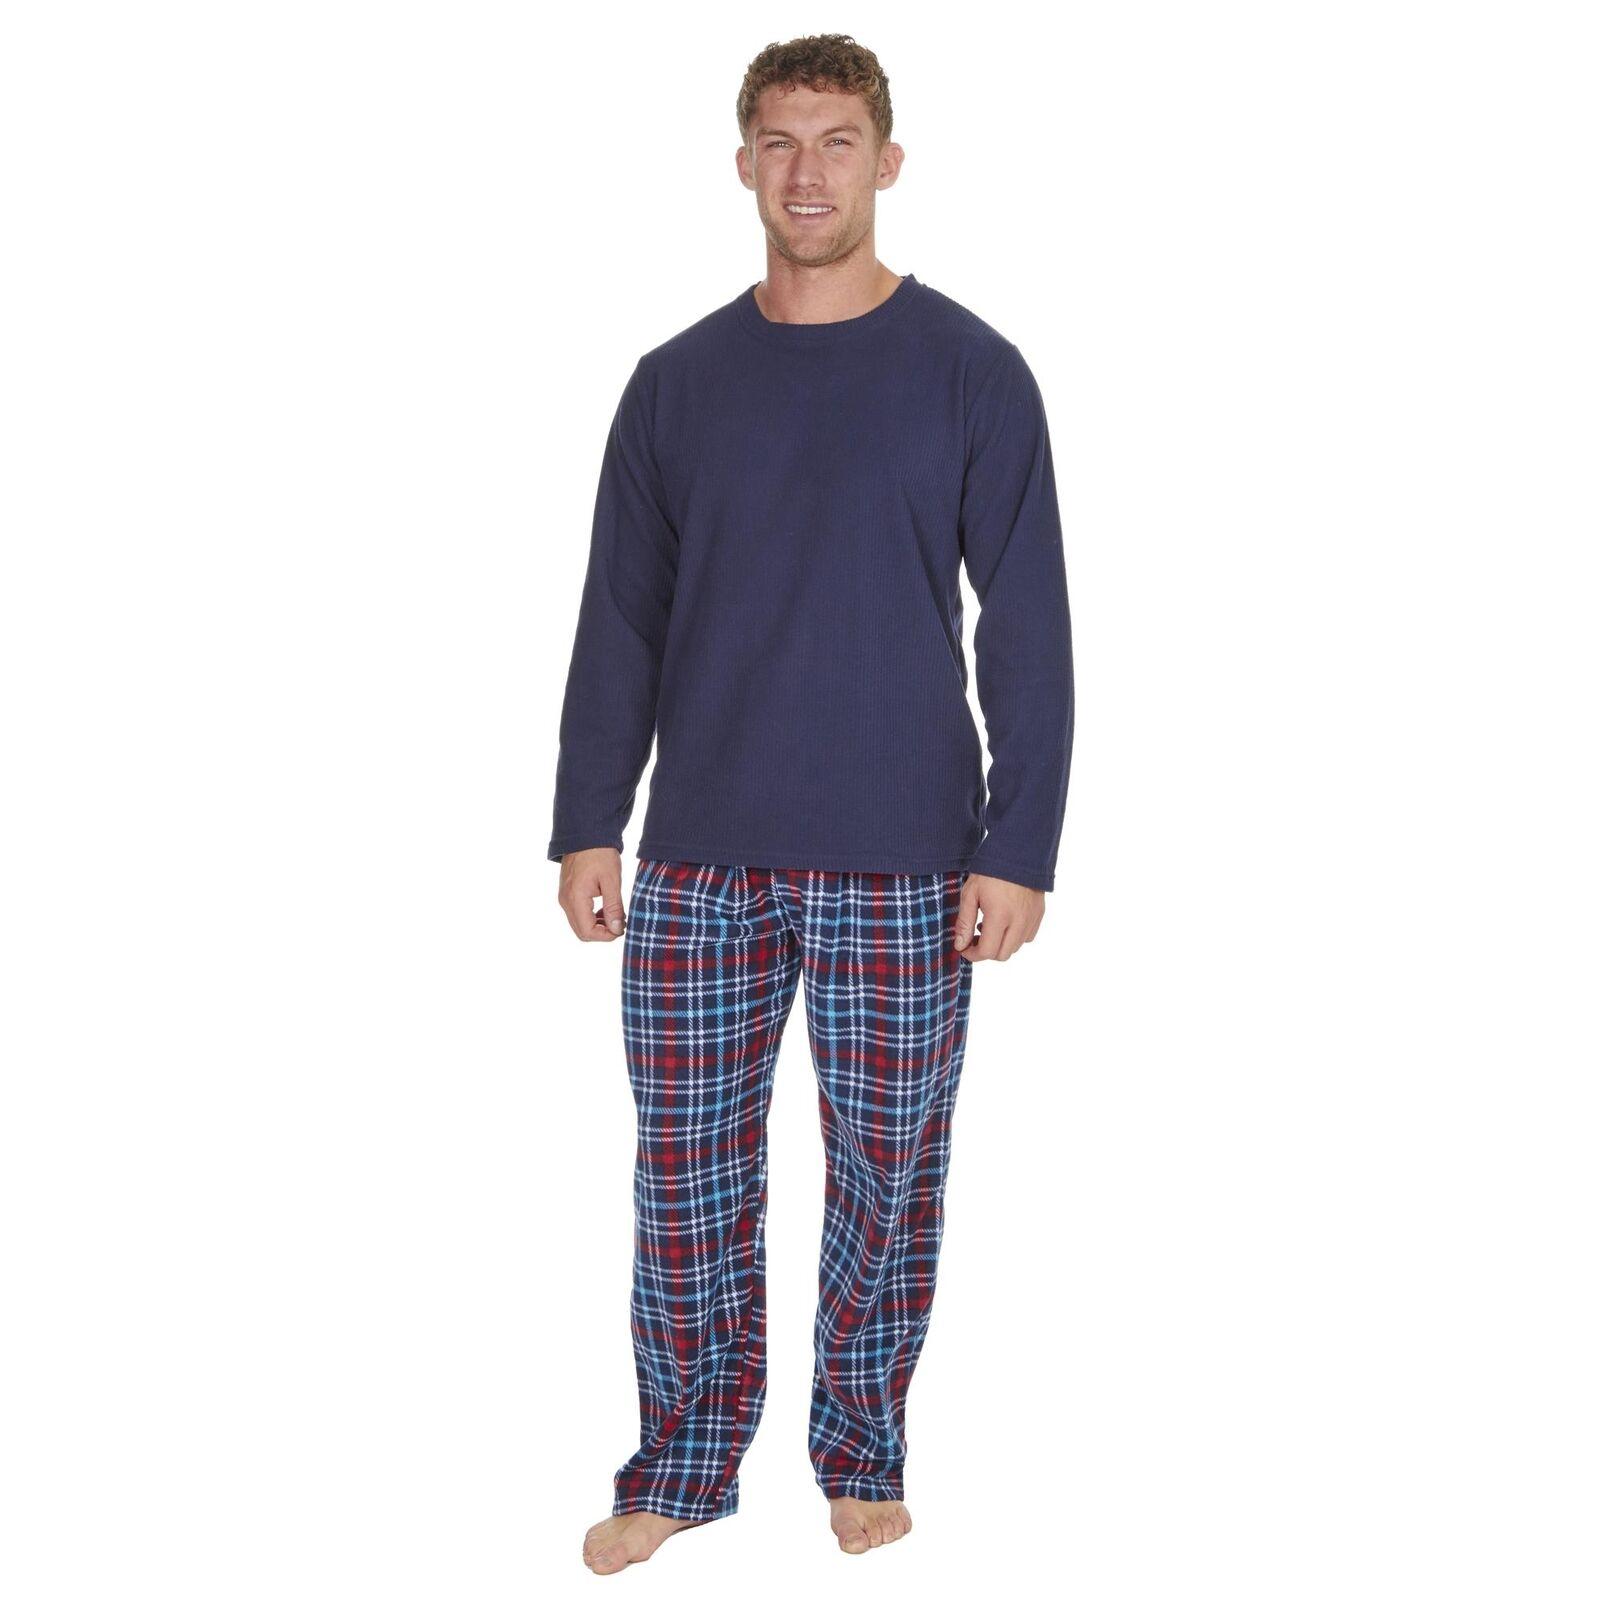 Cargo Bay Homme micropolaire Lounge Pyjamas Haut Haut Haut Et Bas Set 6822b5